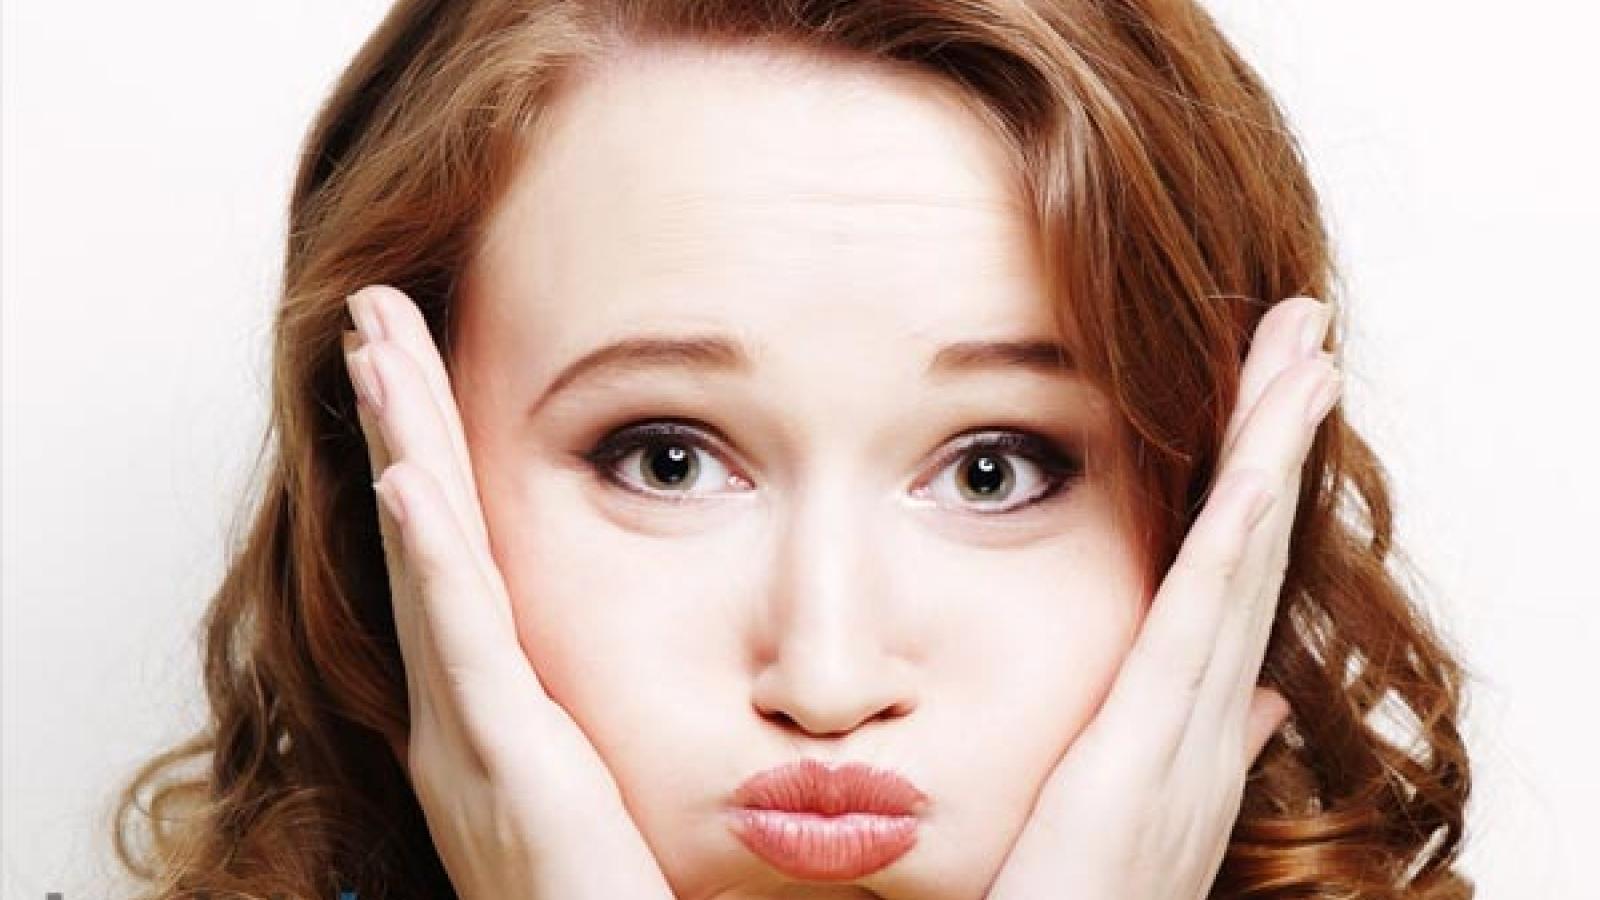 Mẹo đơn giản giúp bạn nhanh chóng có được khuôn mặt thon gọn